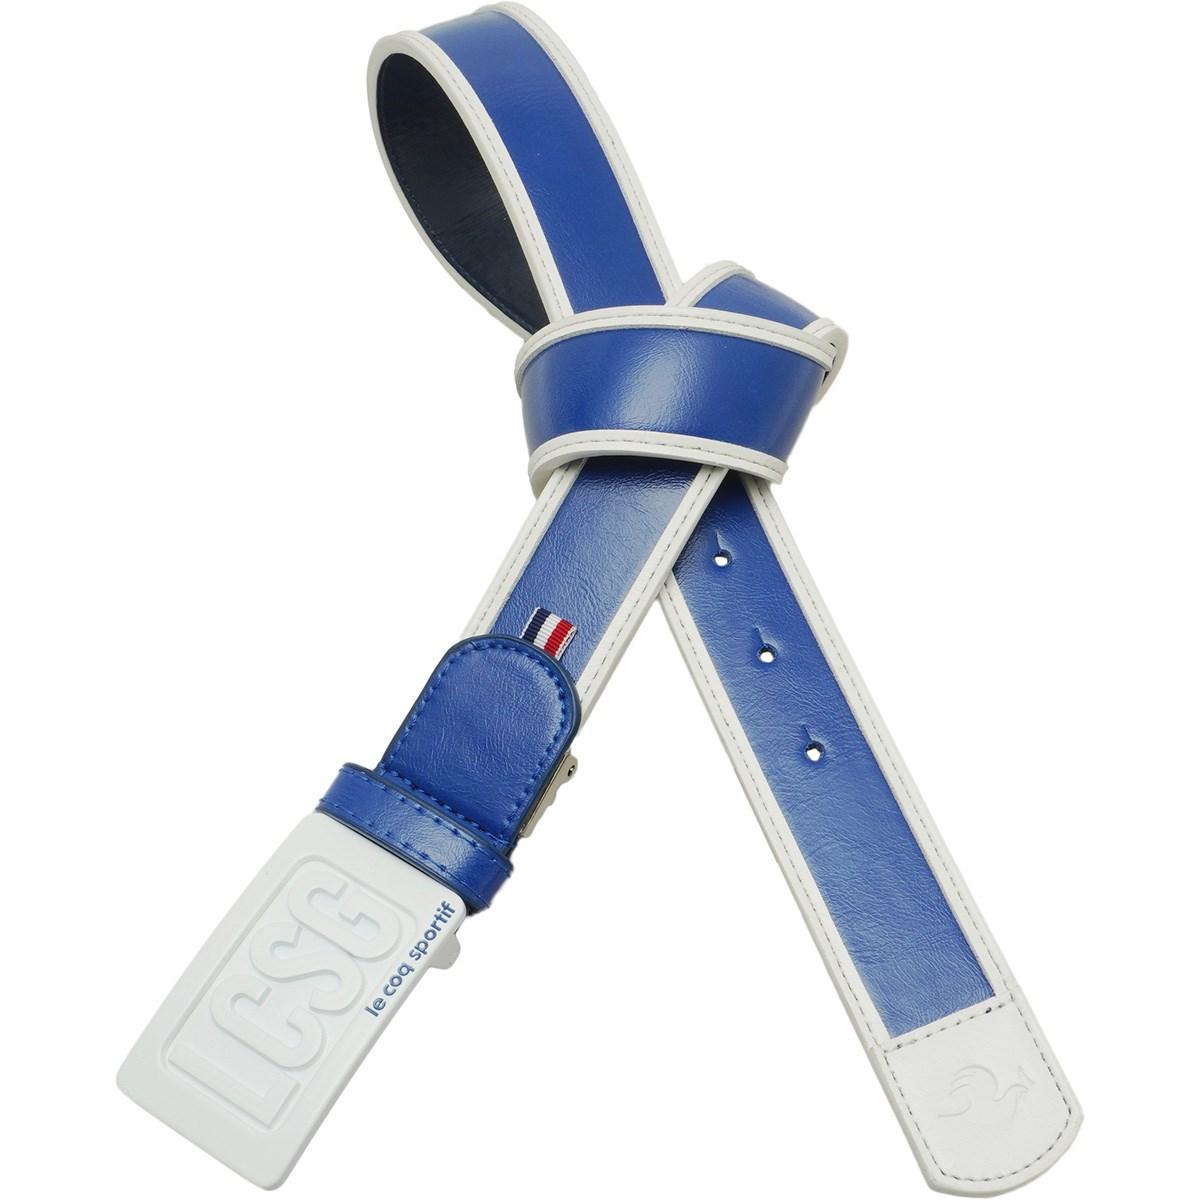 ルコックゴルフ Le coq sportif GOLF バイカラーラインベルト フリー ブルー 00 レディス